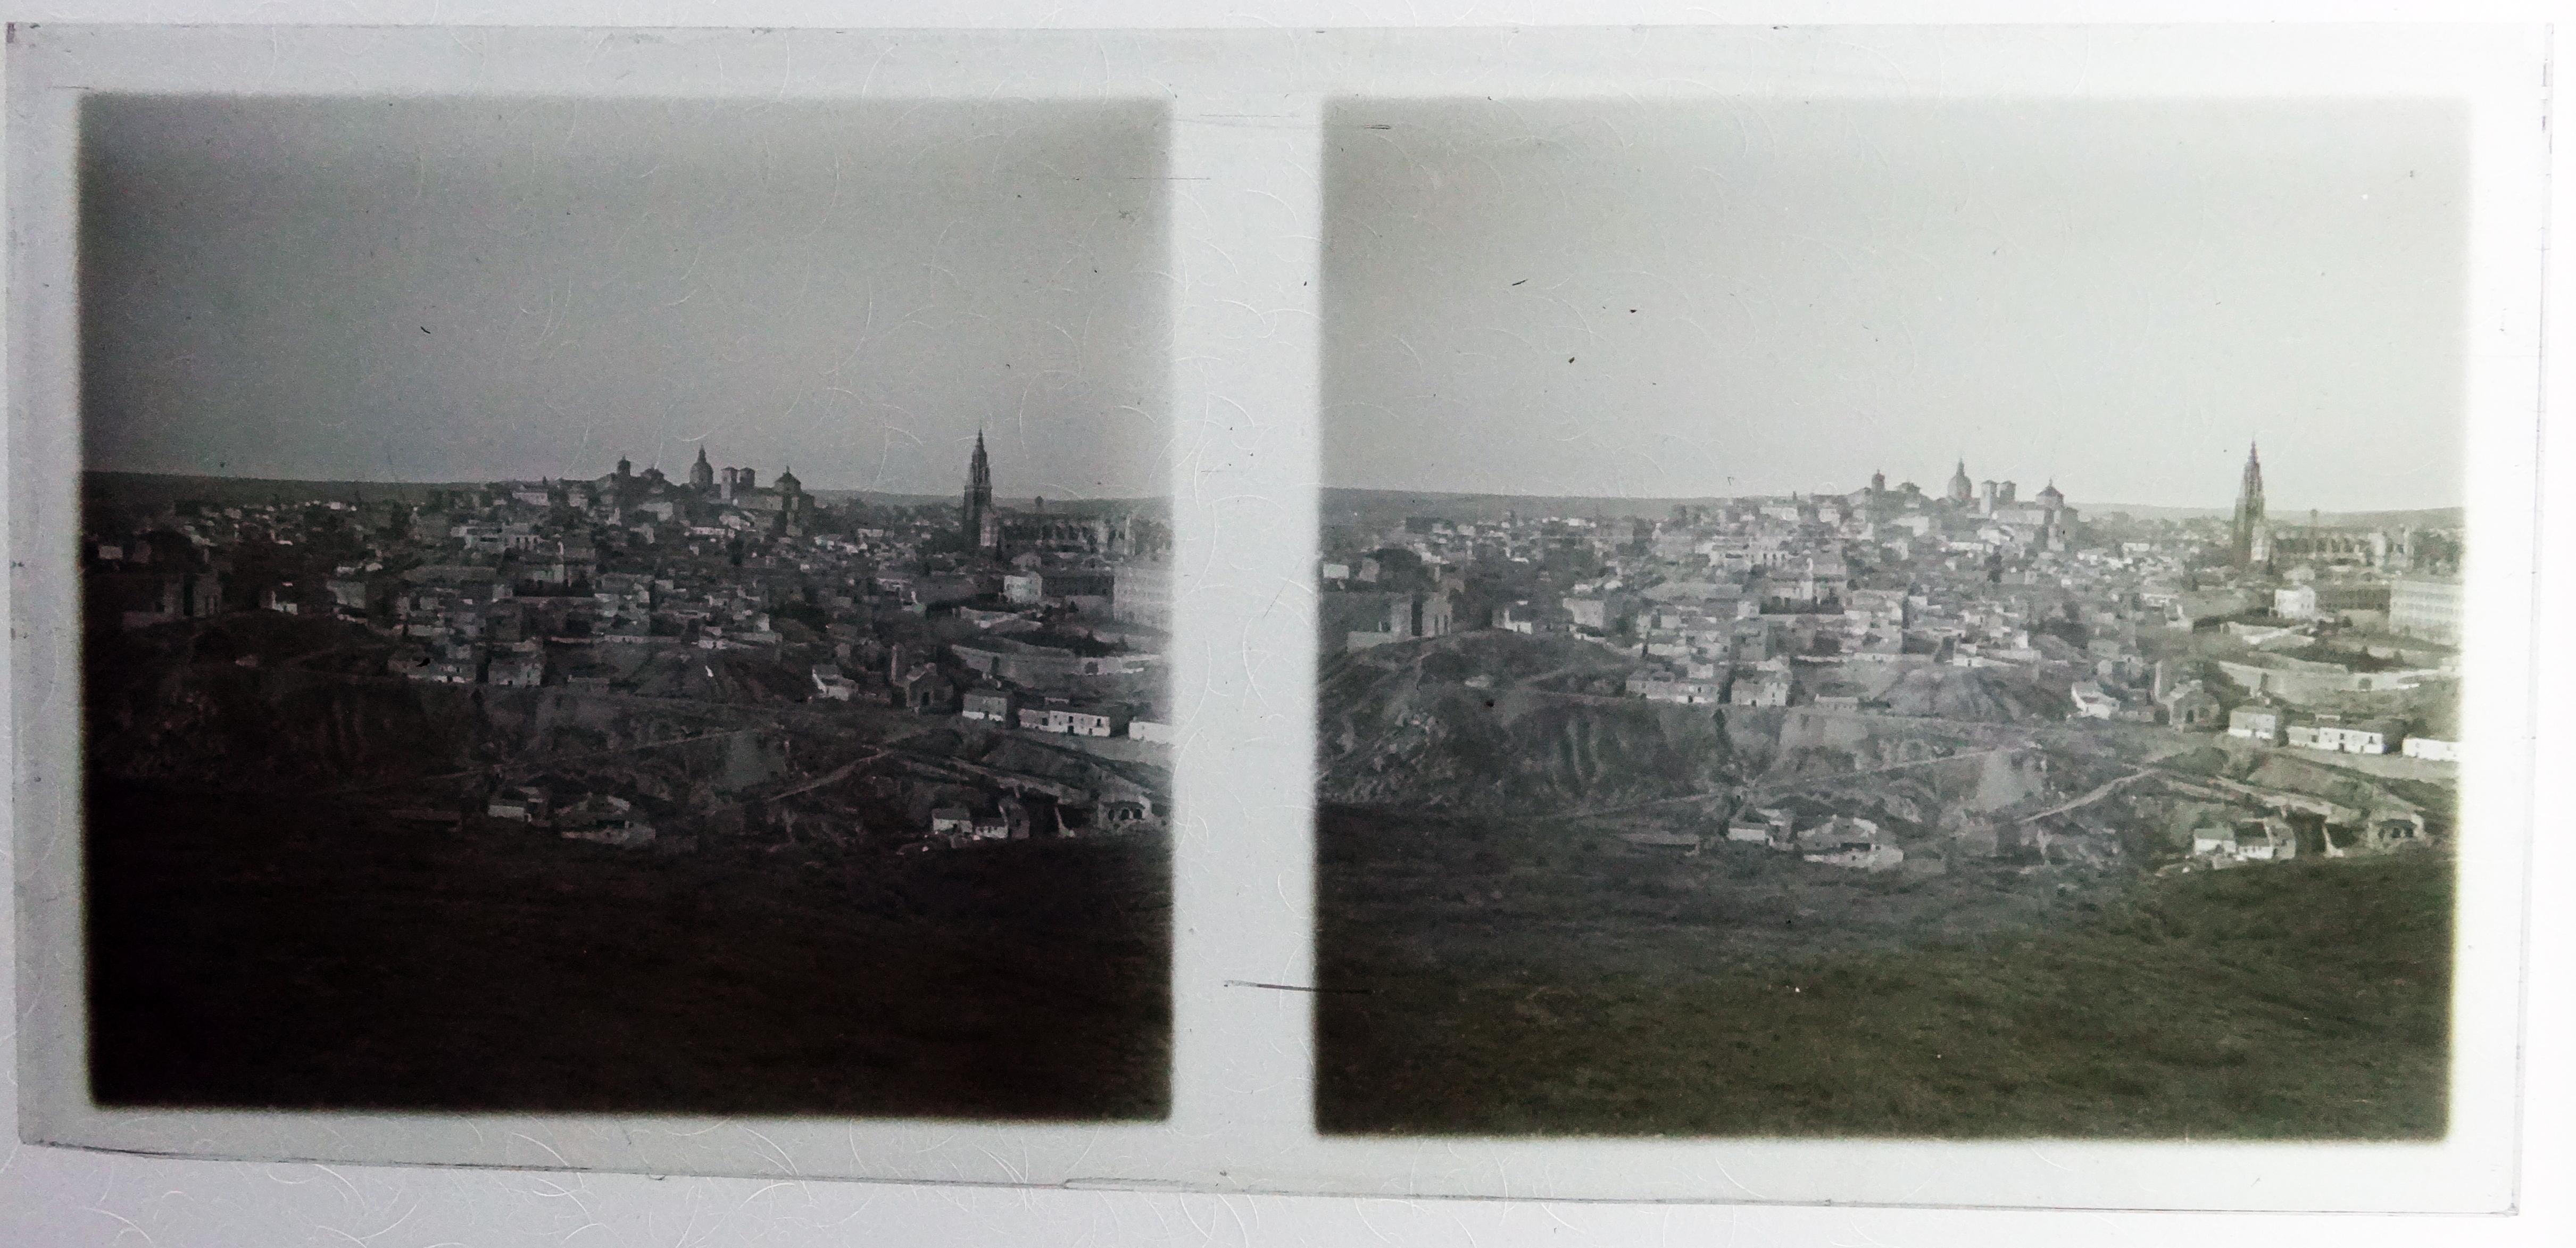 Vista general de Toledo desde los cigarrales. Fotografía de Francisco Rodríguez Avial hacia 1910 © Herederos de Francisco Rodríguez Avial